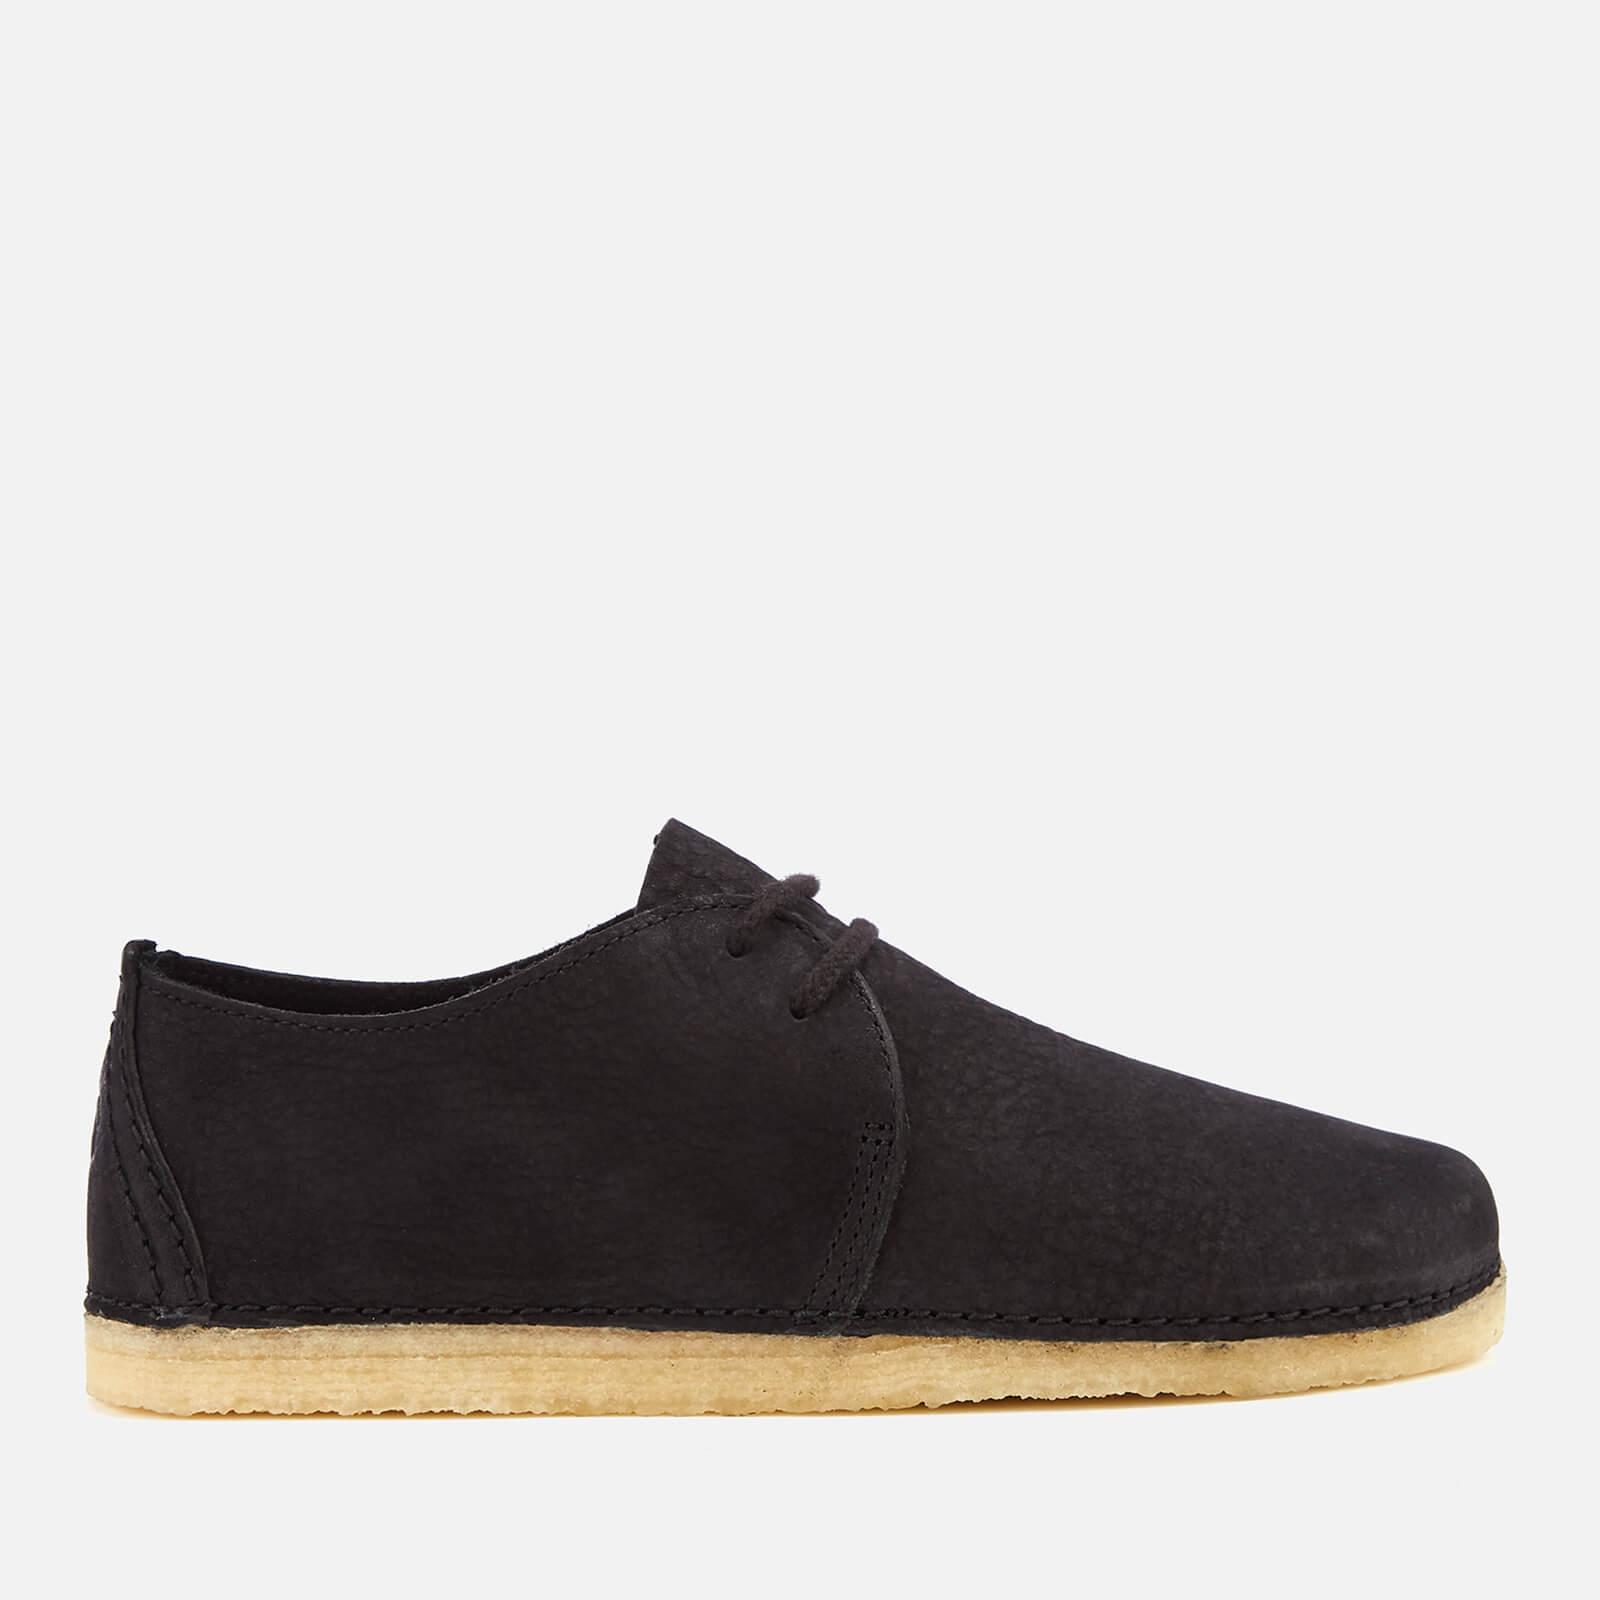 Clarks Originals Women's Ashton Nubuck Lace Up Shoes - Black - UK 4